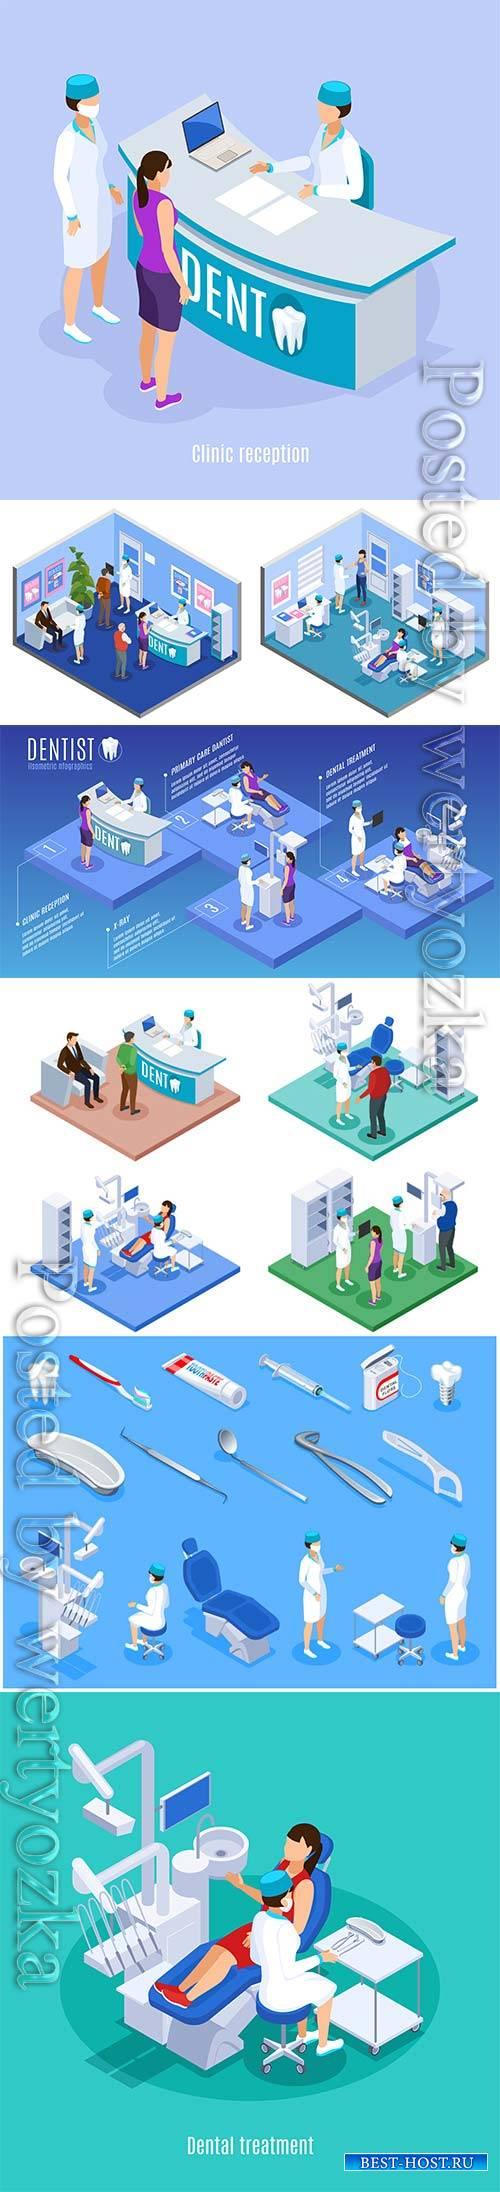 Dentist isometric icons set of stomatology equipment hygiene items implant